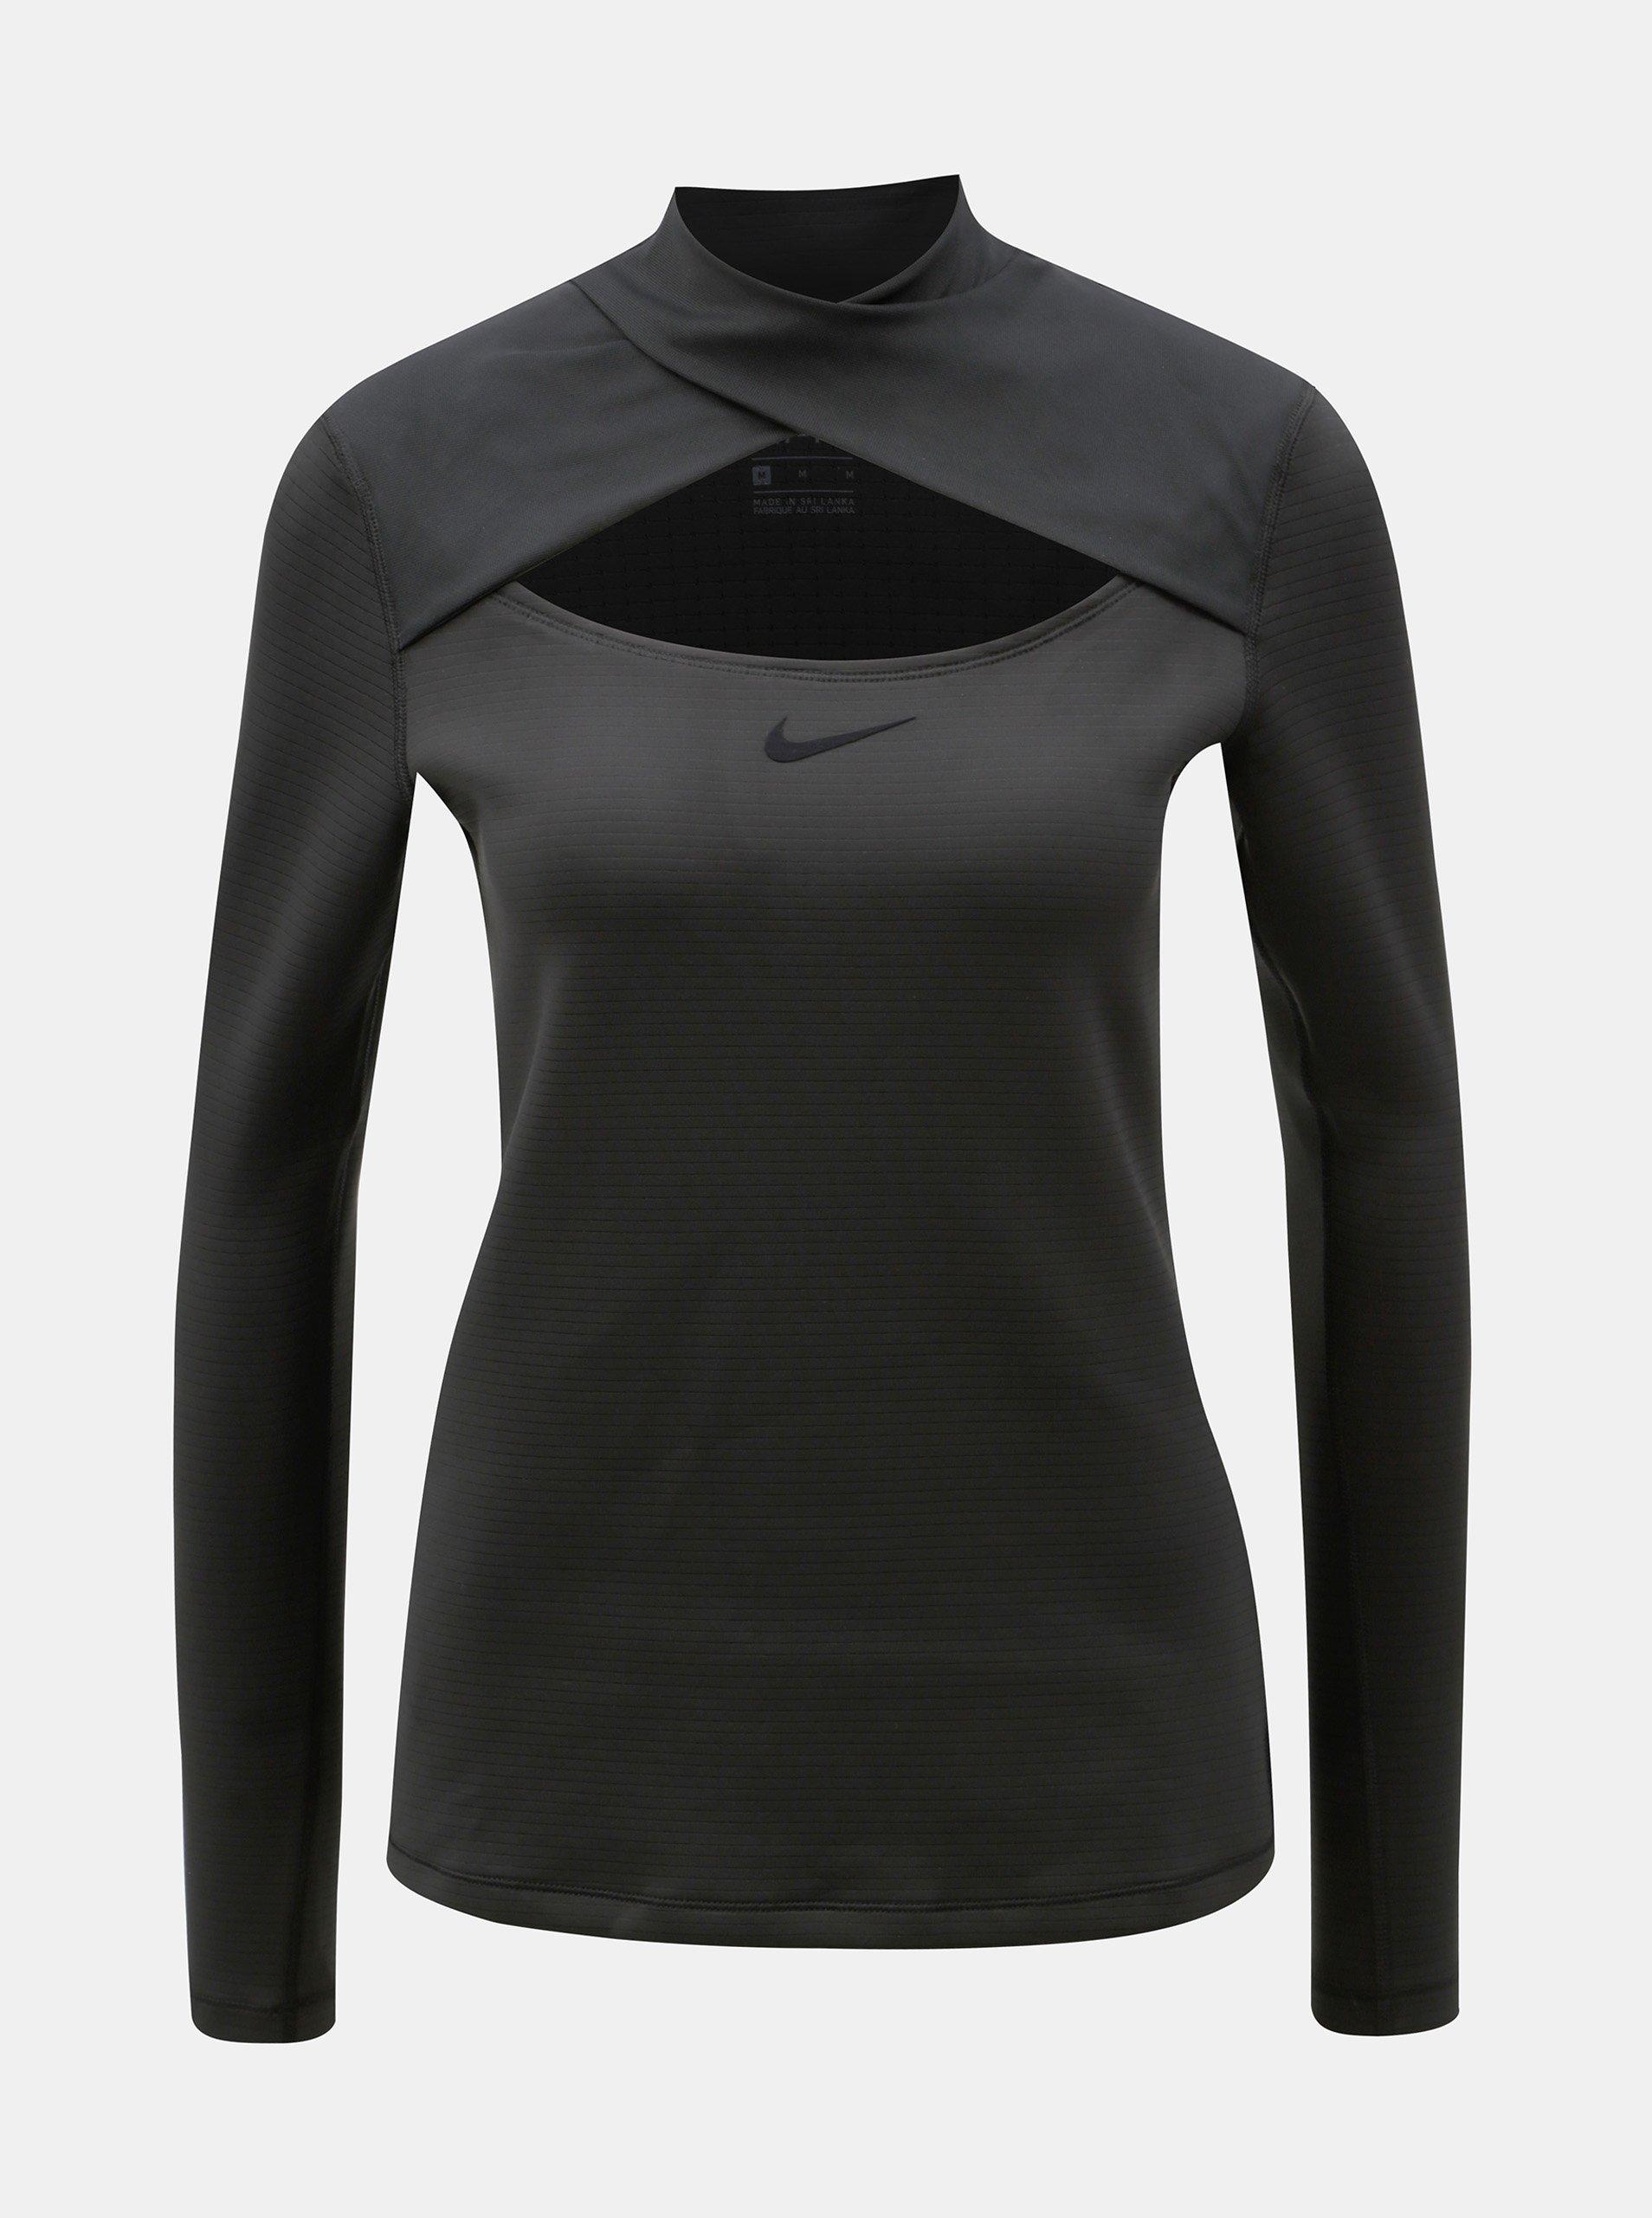 4b400c27ad2a Čierne dámske funkčné tričko s prestrihom Nike